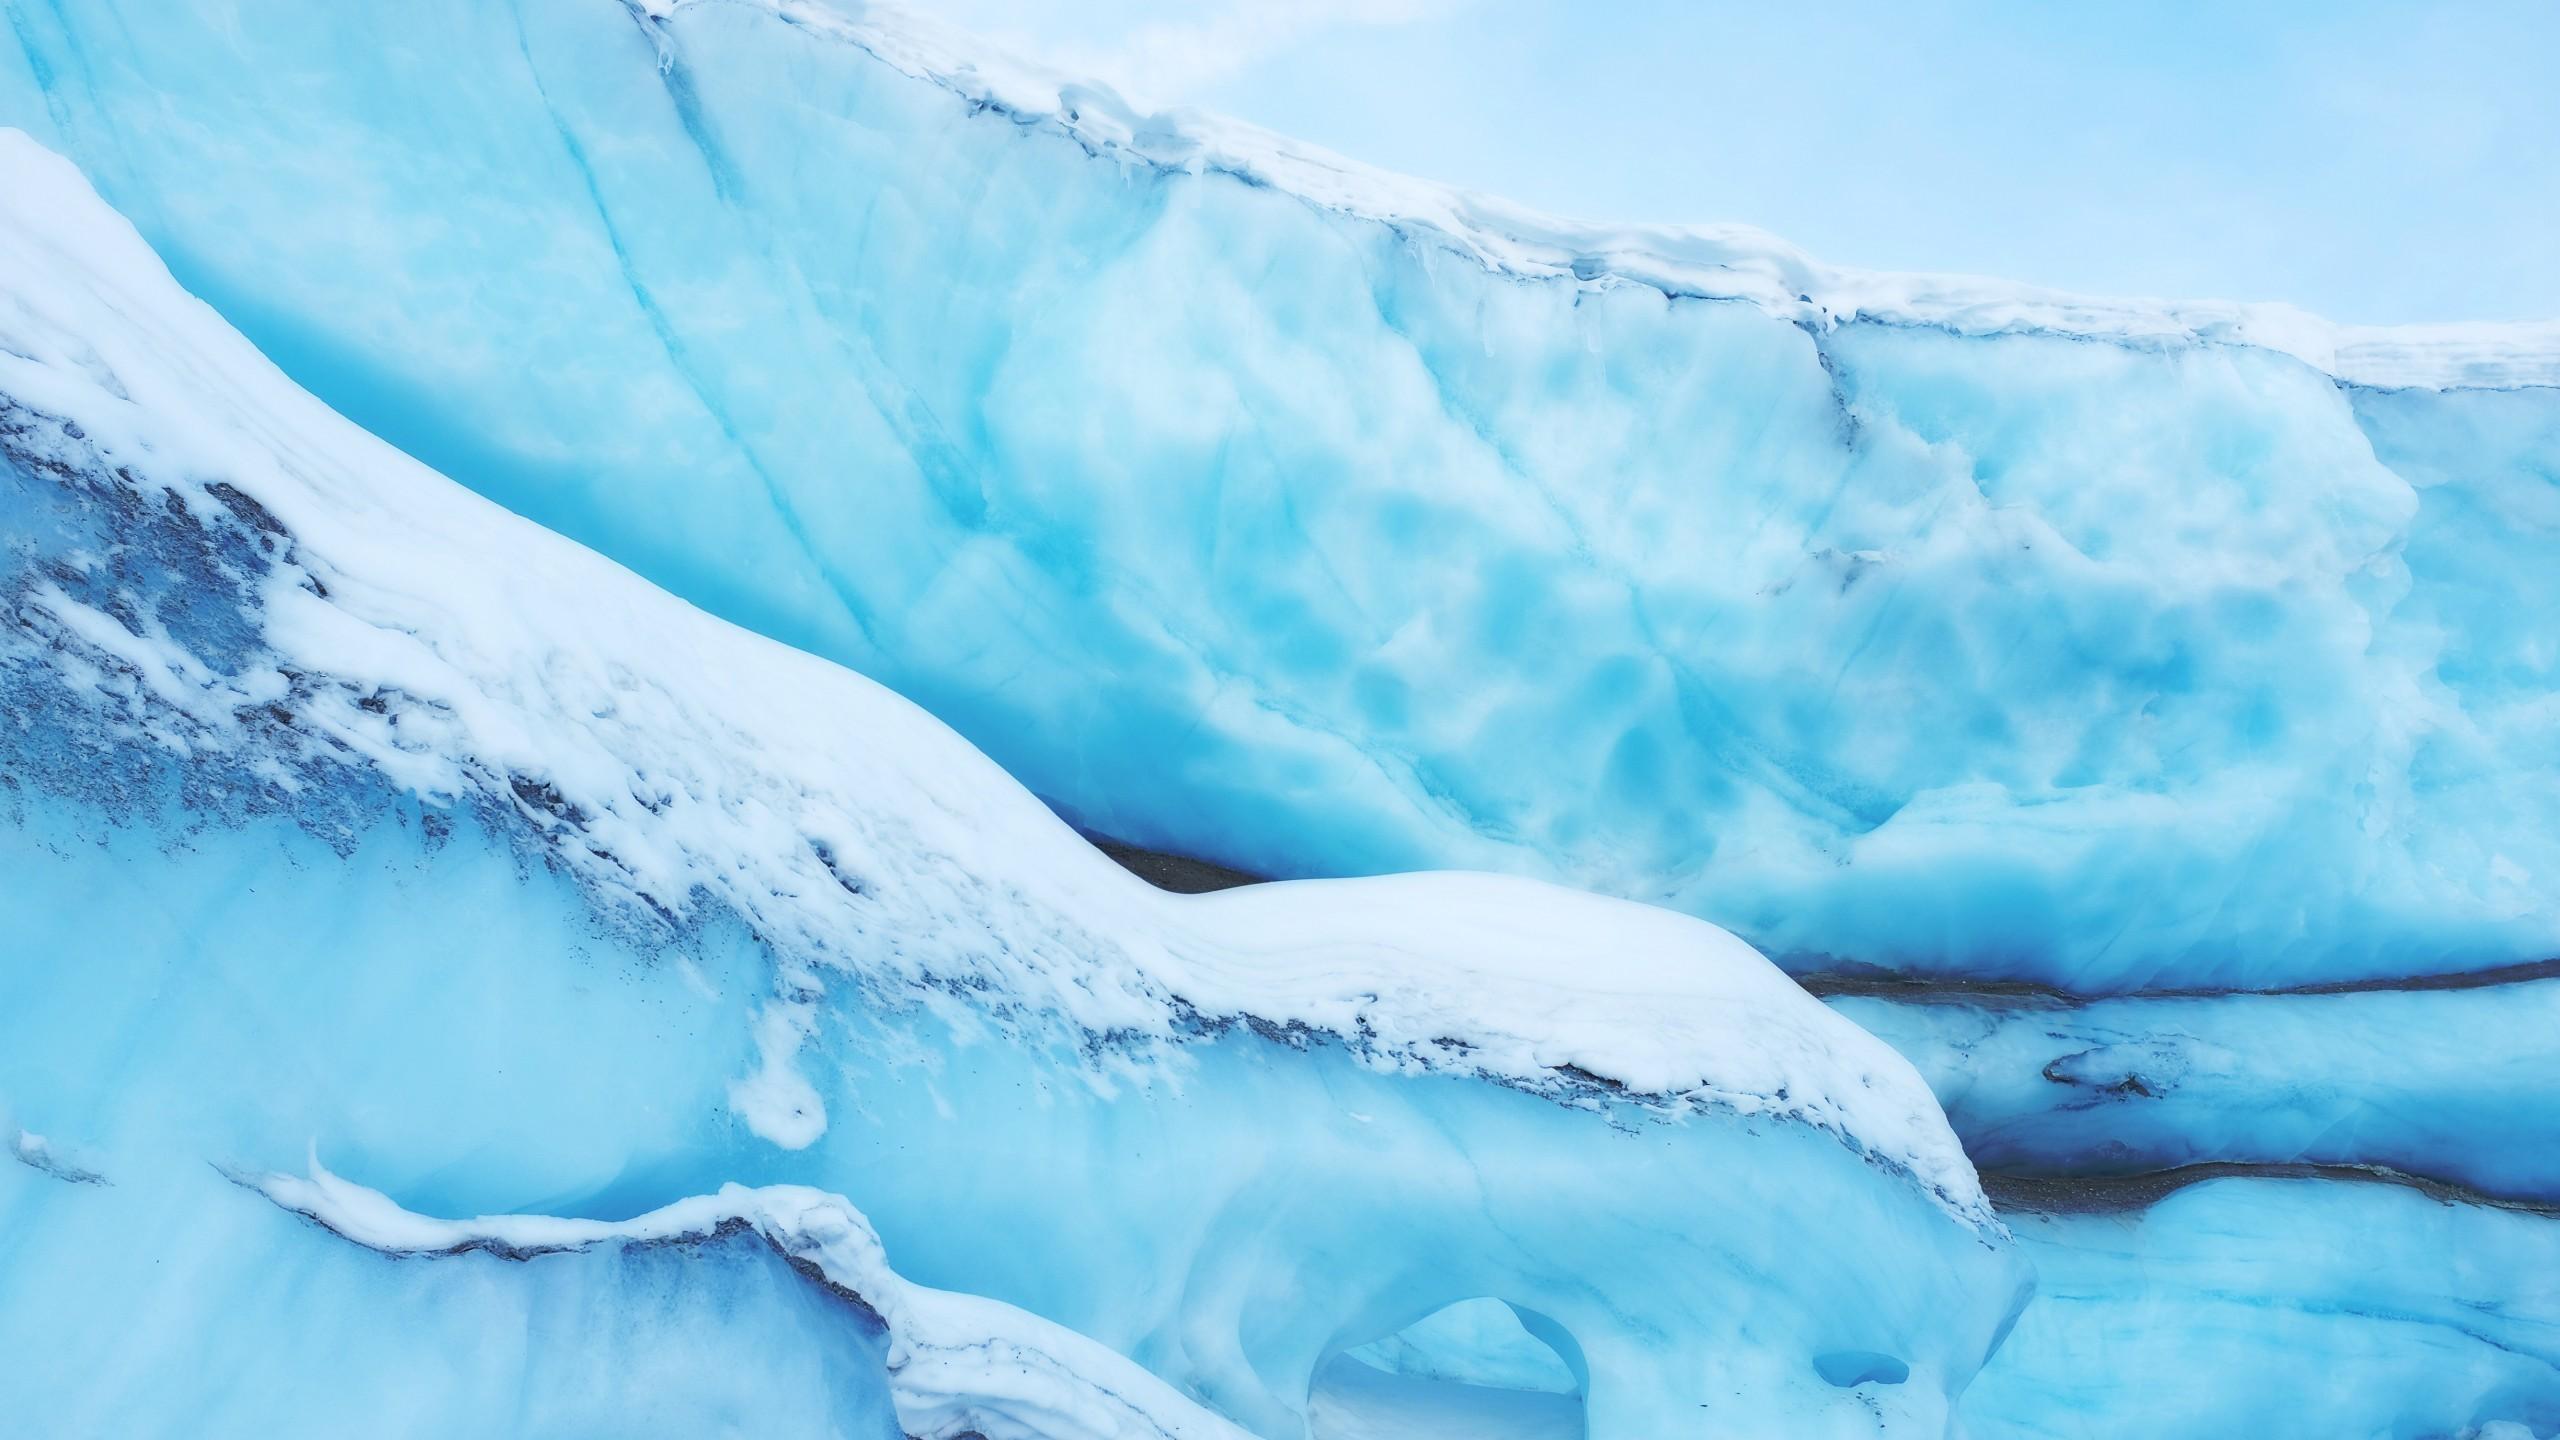 Res: 2560x1440, Ice, Snow, Glacier